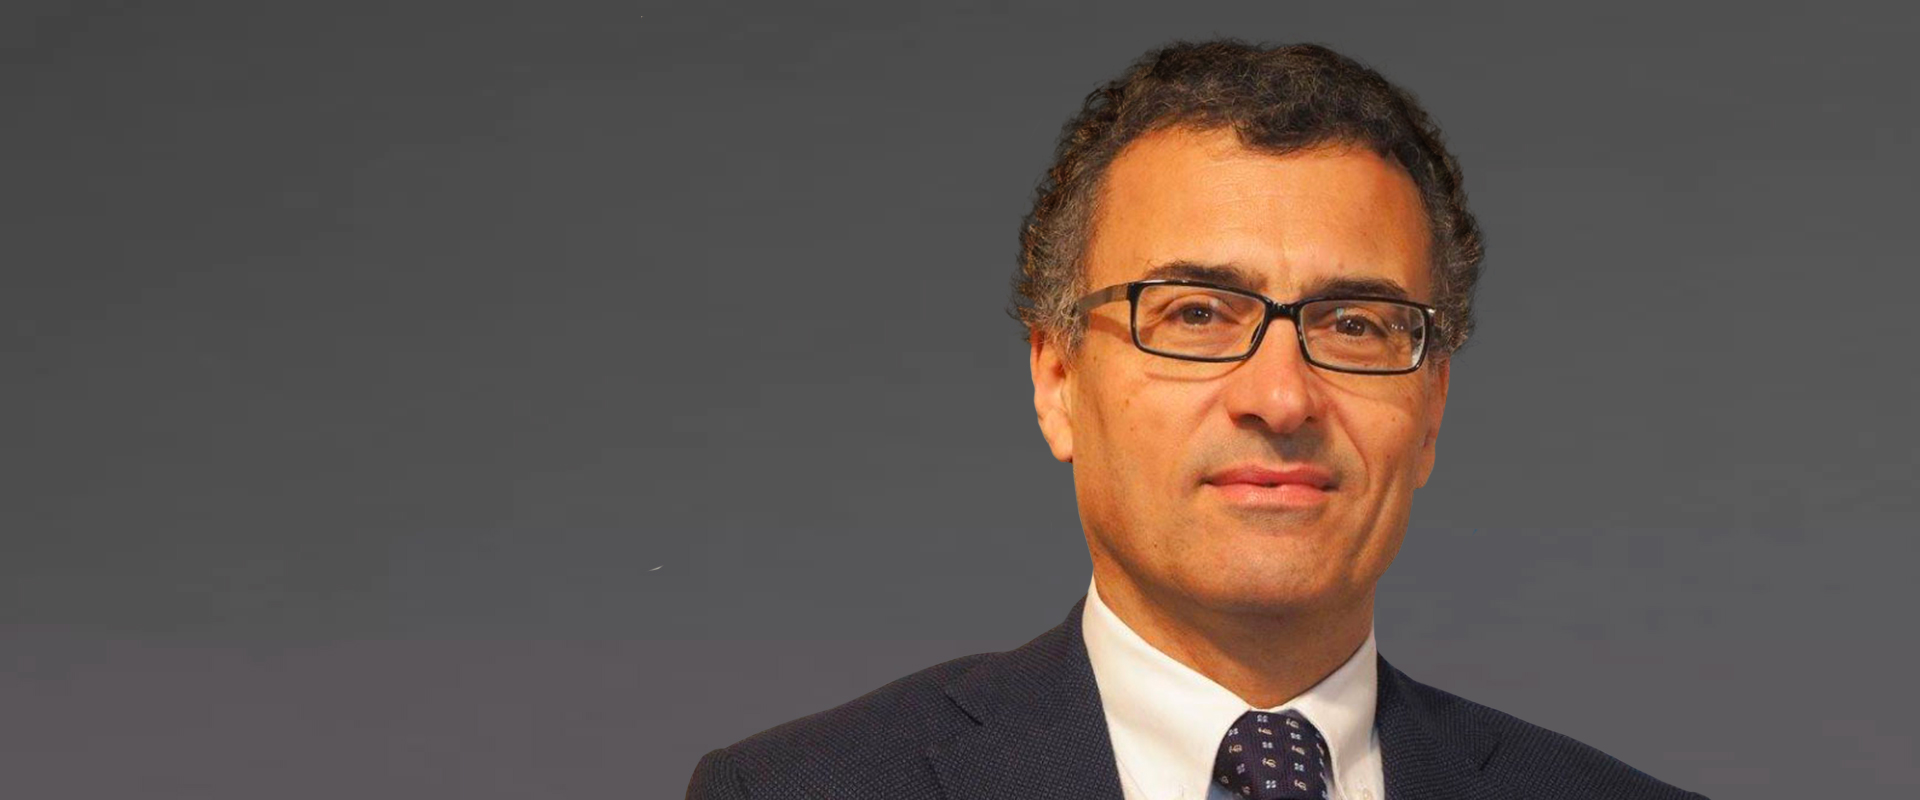 Bernardi Claudio